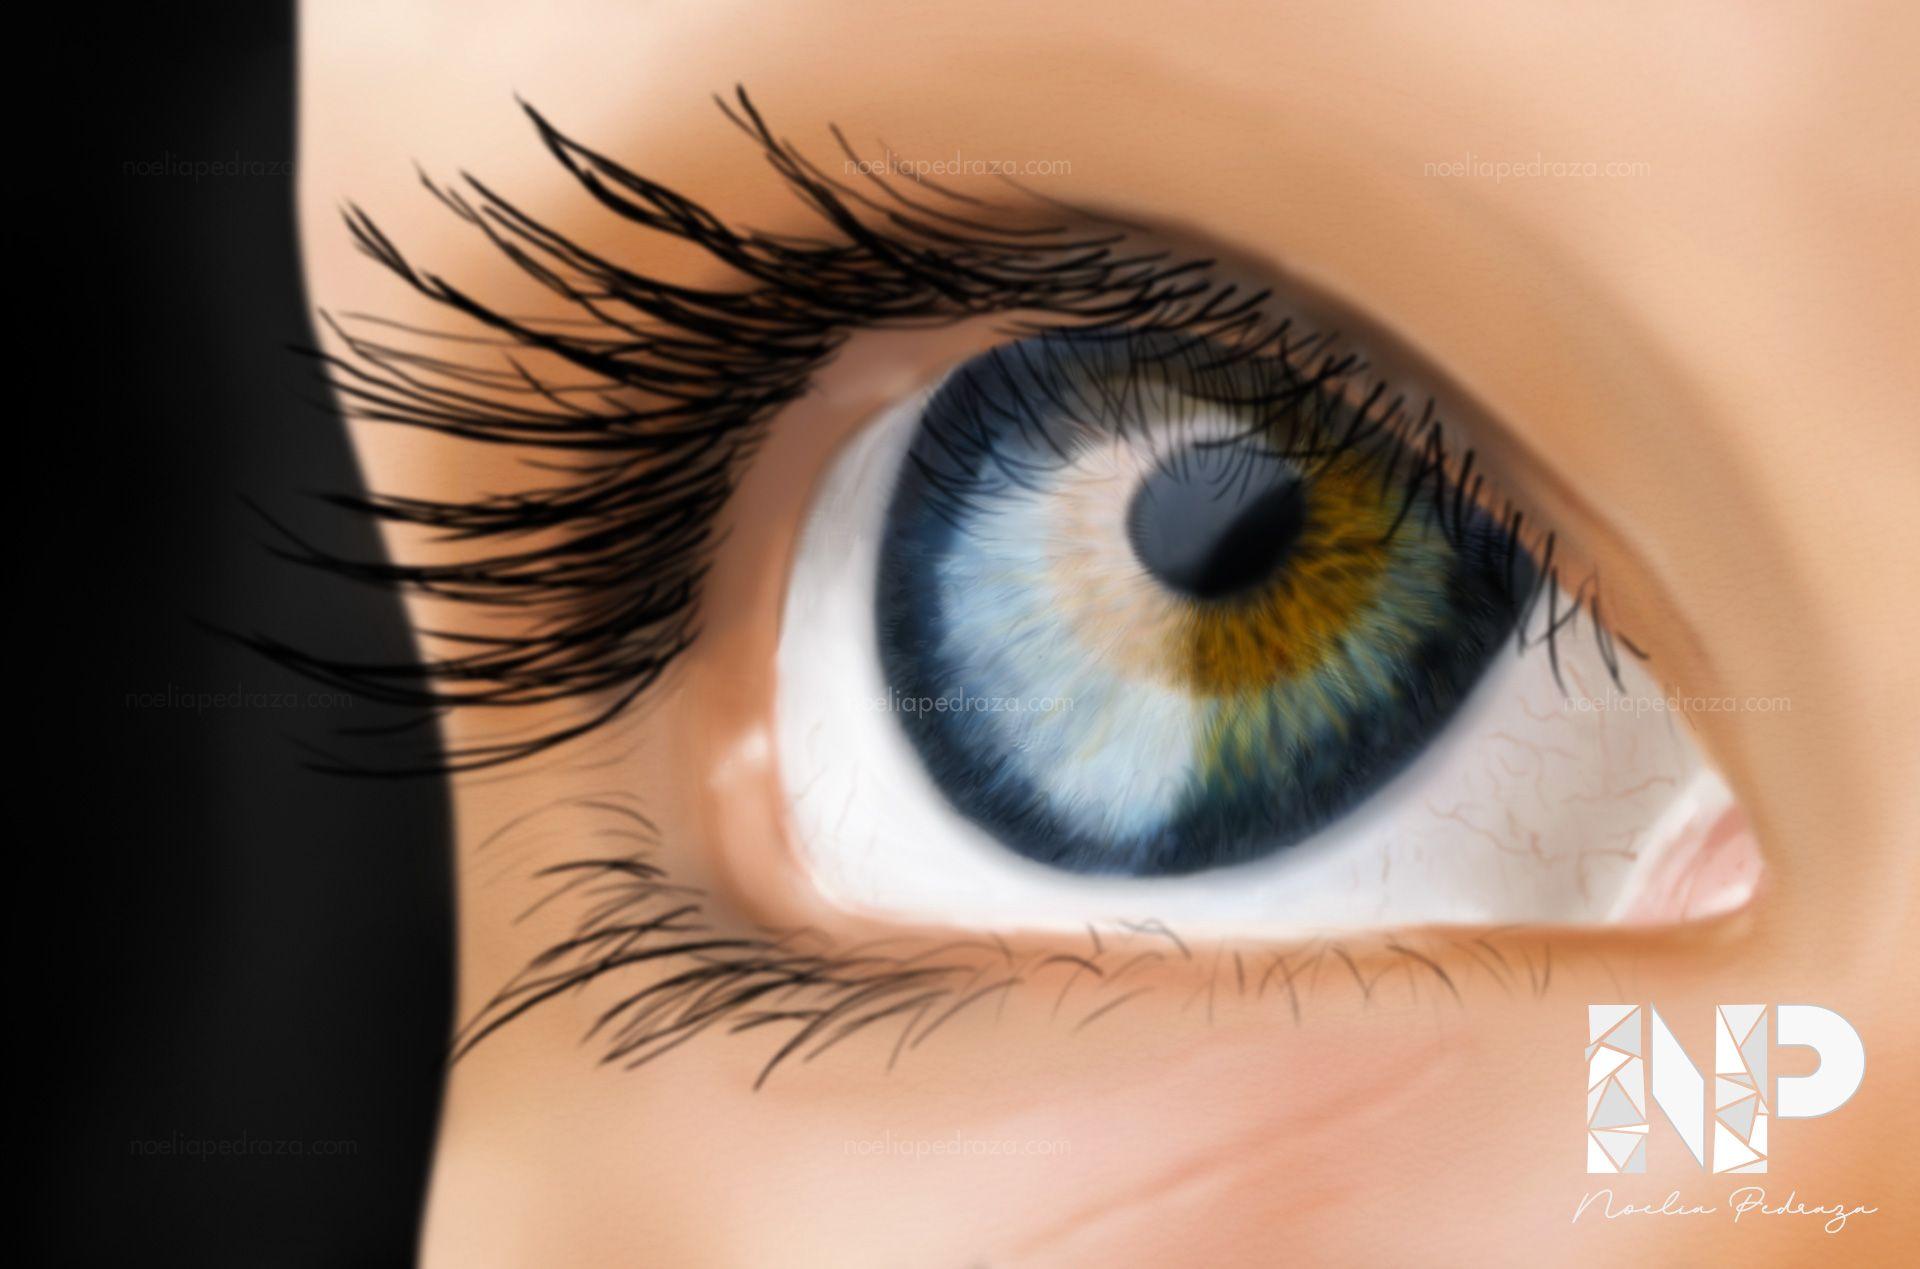 IlustraciónDibujo de ojo realista con Procreate